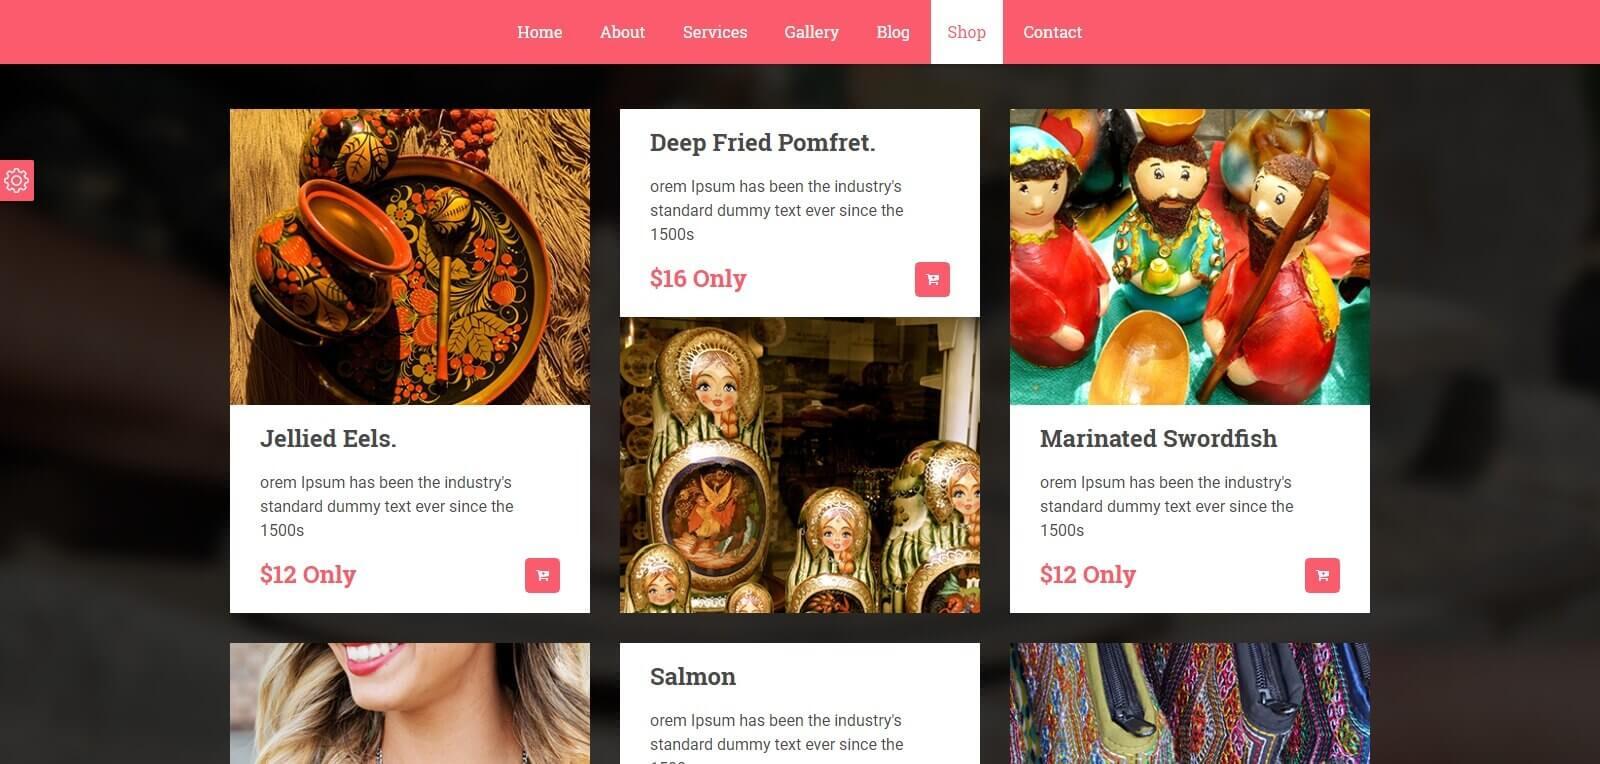 Thiết kế website bán hàng thủ công mỹ nghệ, bước đầu chuyển hướng kinh doanh online